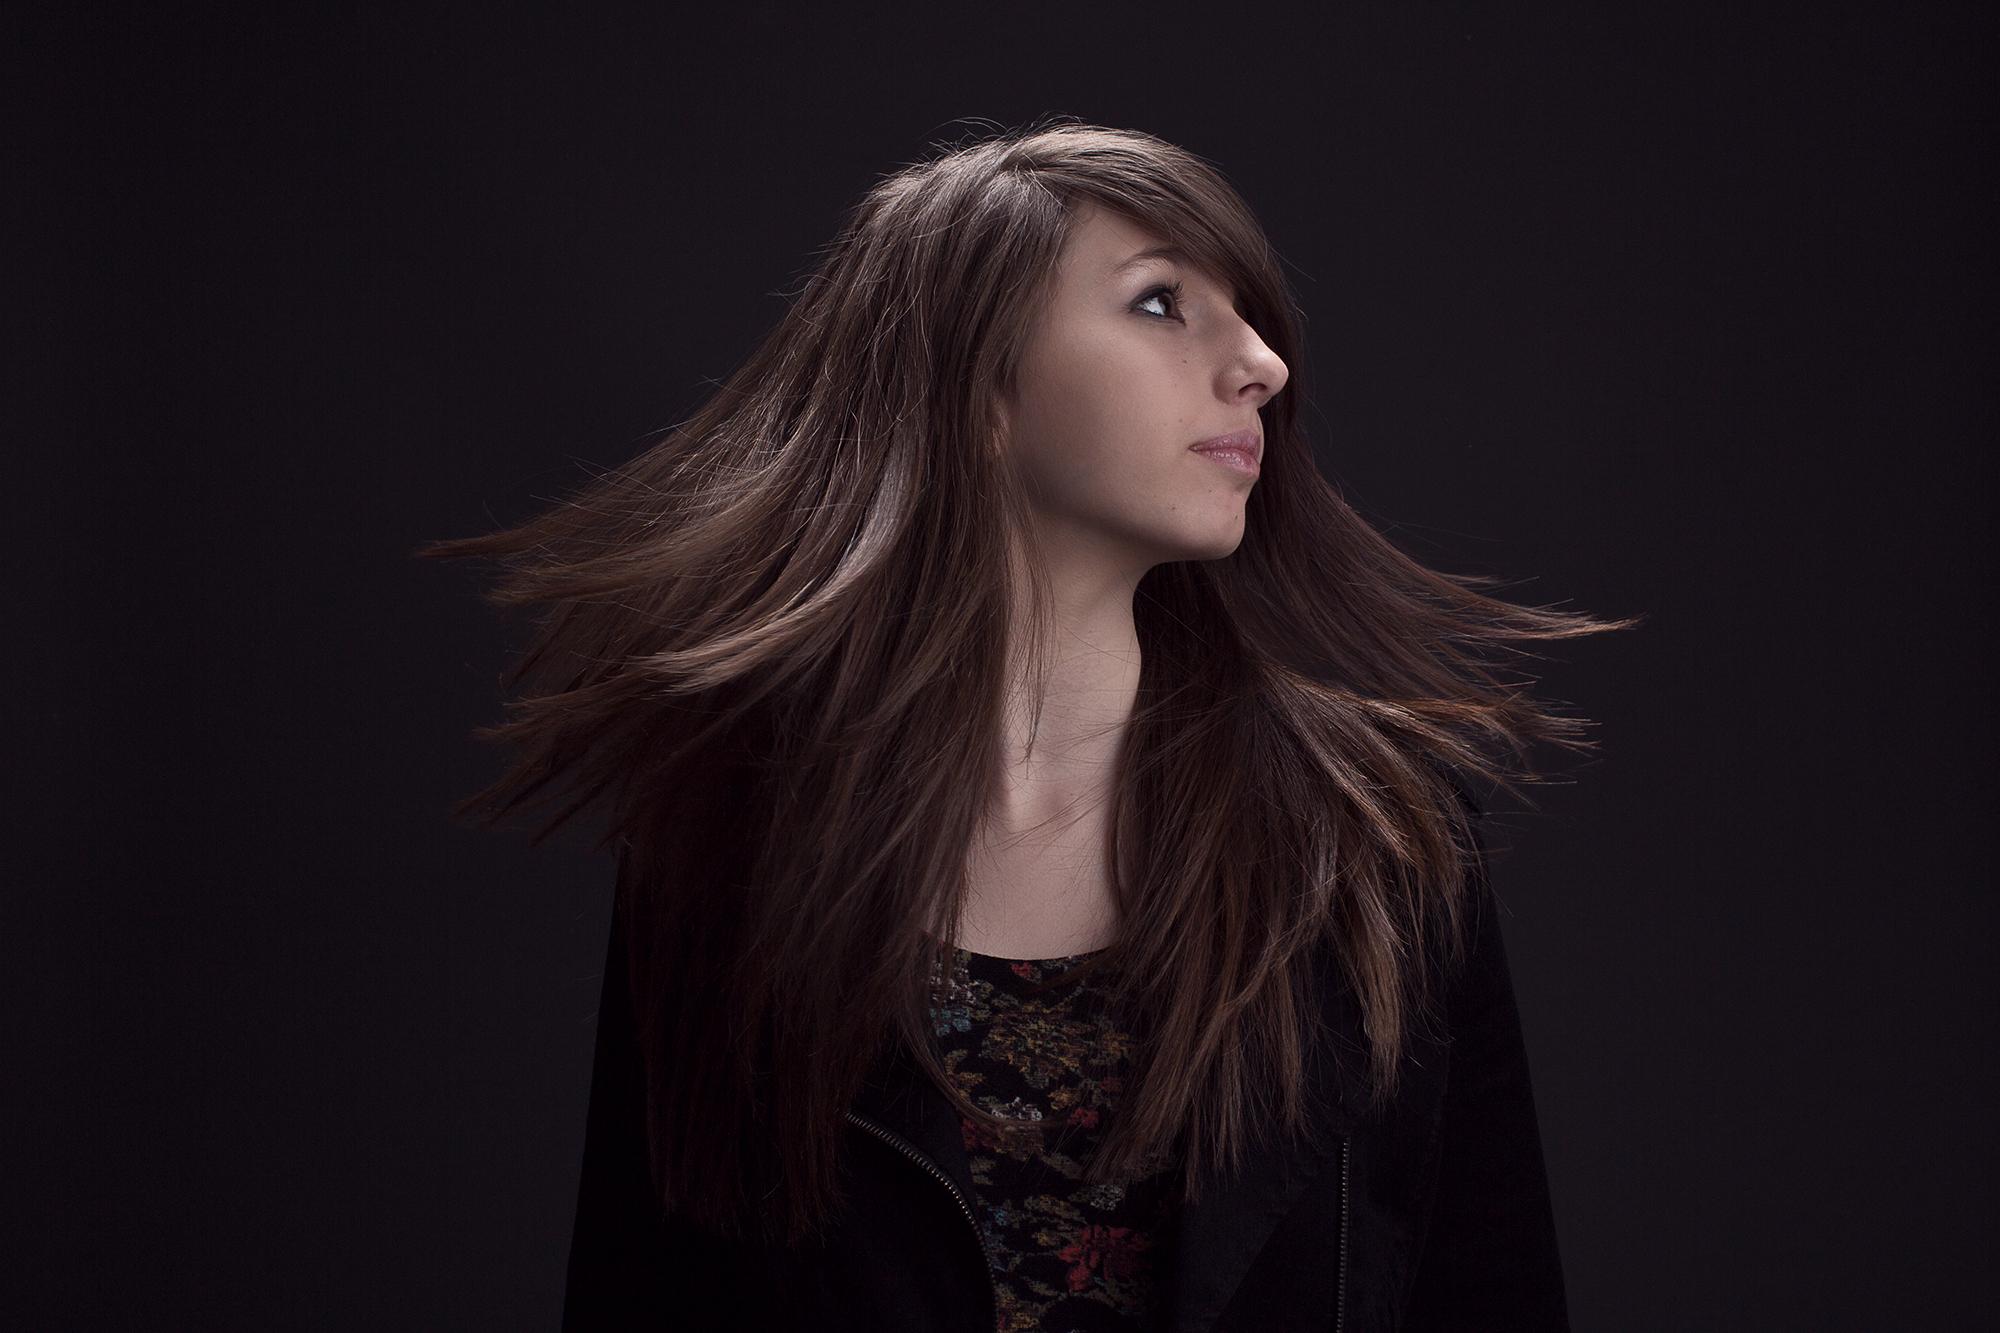 Isabella Pihas